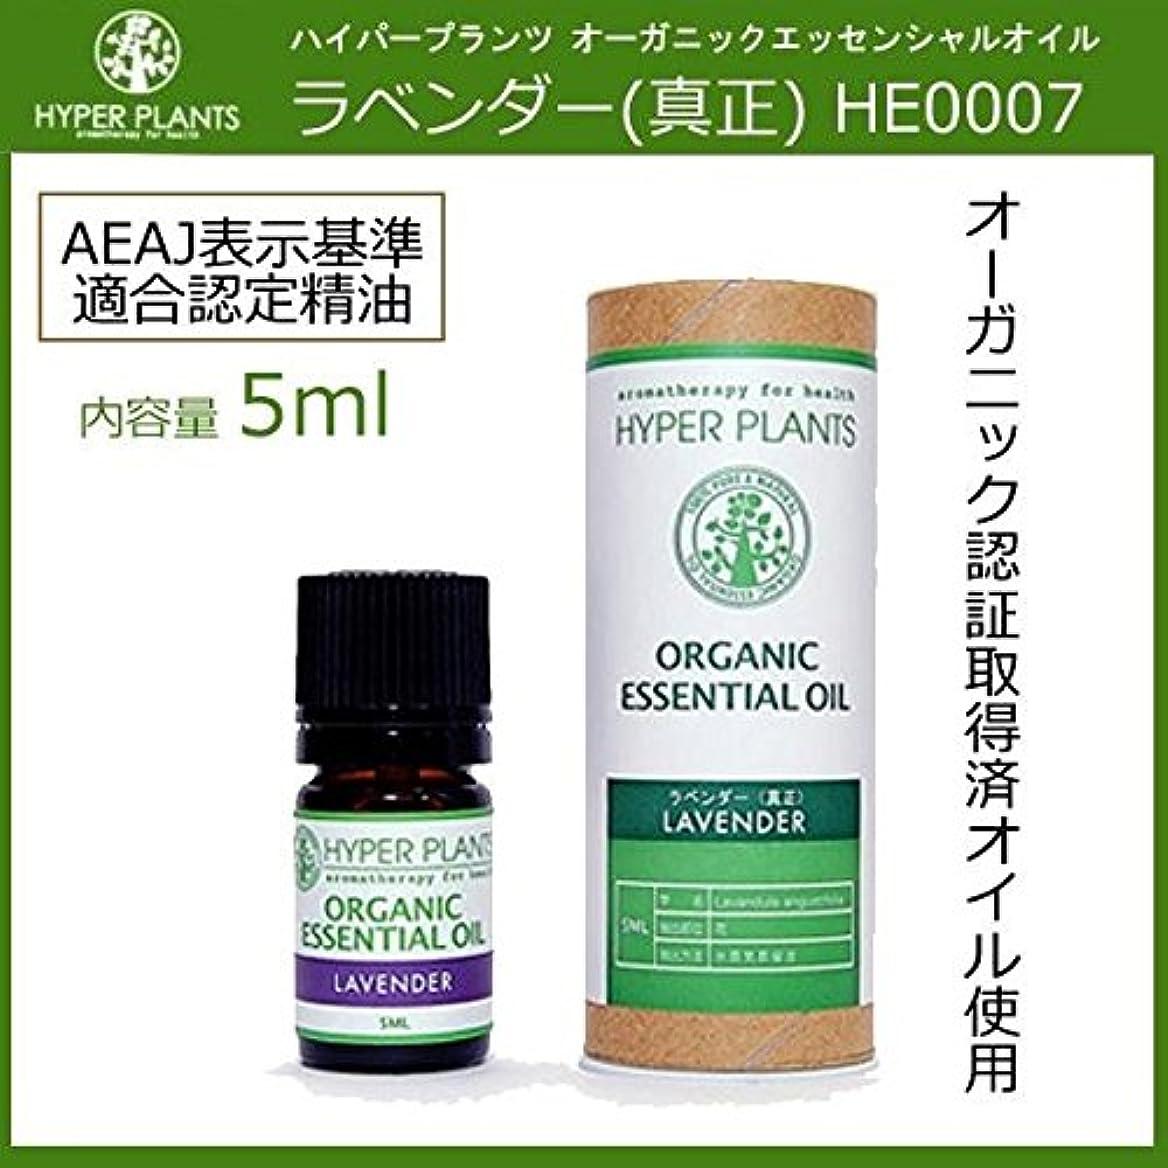 確率弾力性のあるクスコHYPER PLANTS ハイパープランツ オーガニックエッセンシャルオイル ラベンダー(真正) 5ml HE0007